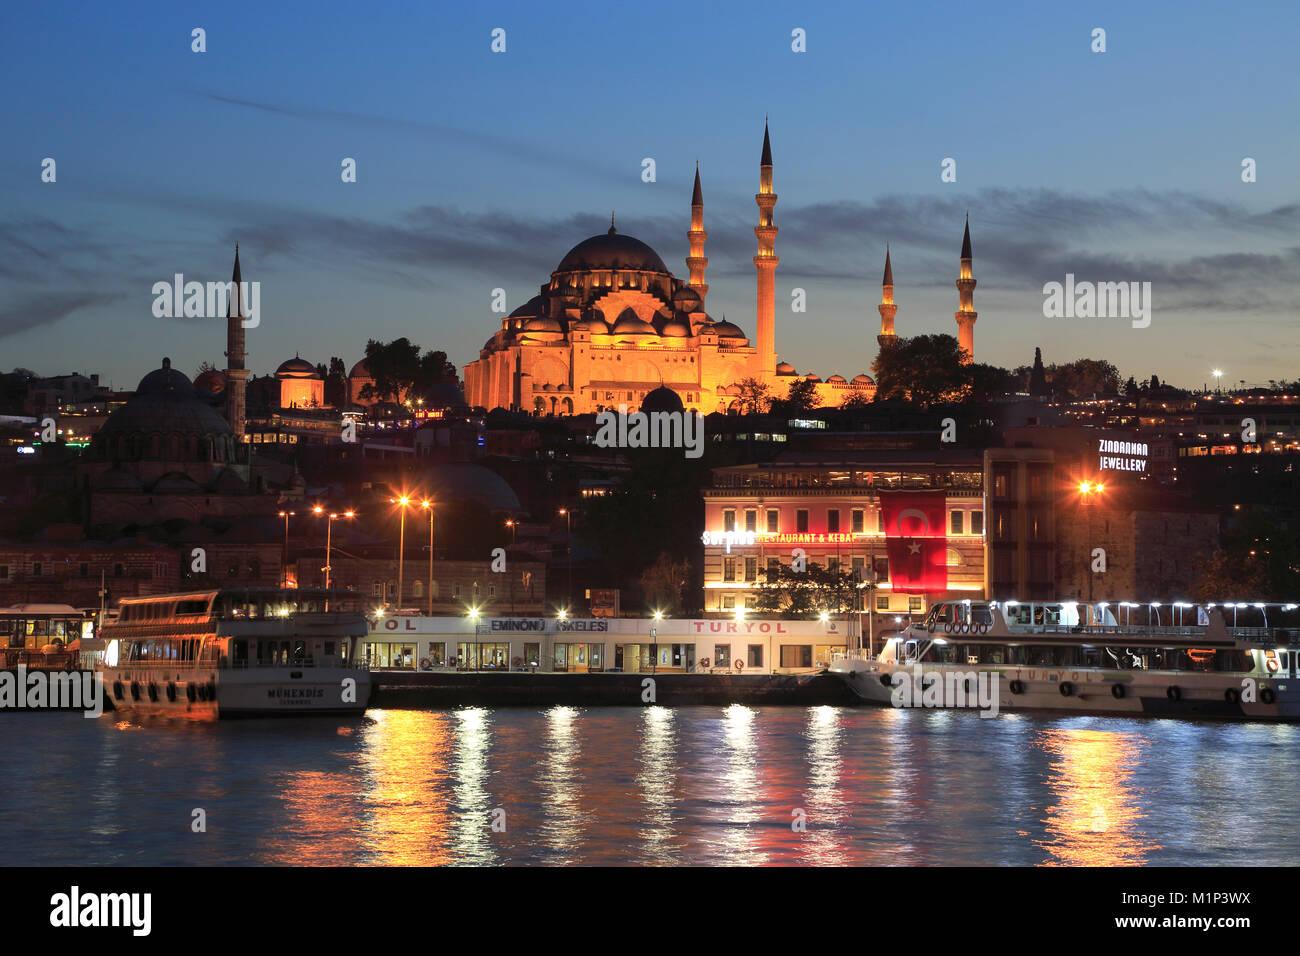 Vieille Ville, Mosquée de Suleymaniye, au crépuscule, Eminonu, corne d'or, l'arrêt Bosphorus, Istanbul, Turquie, Banque D'Images